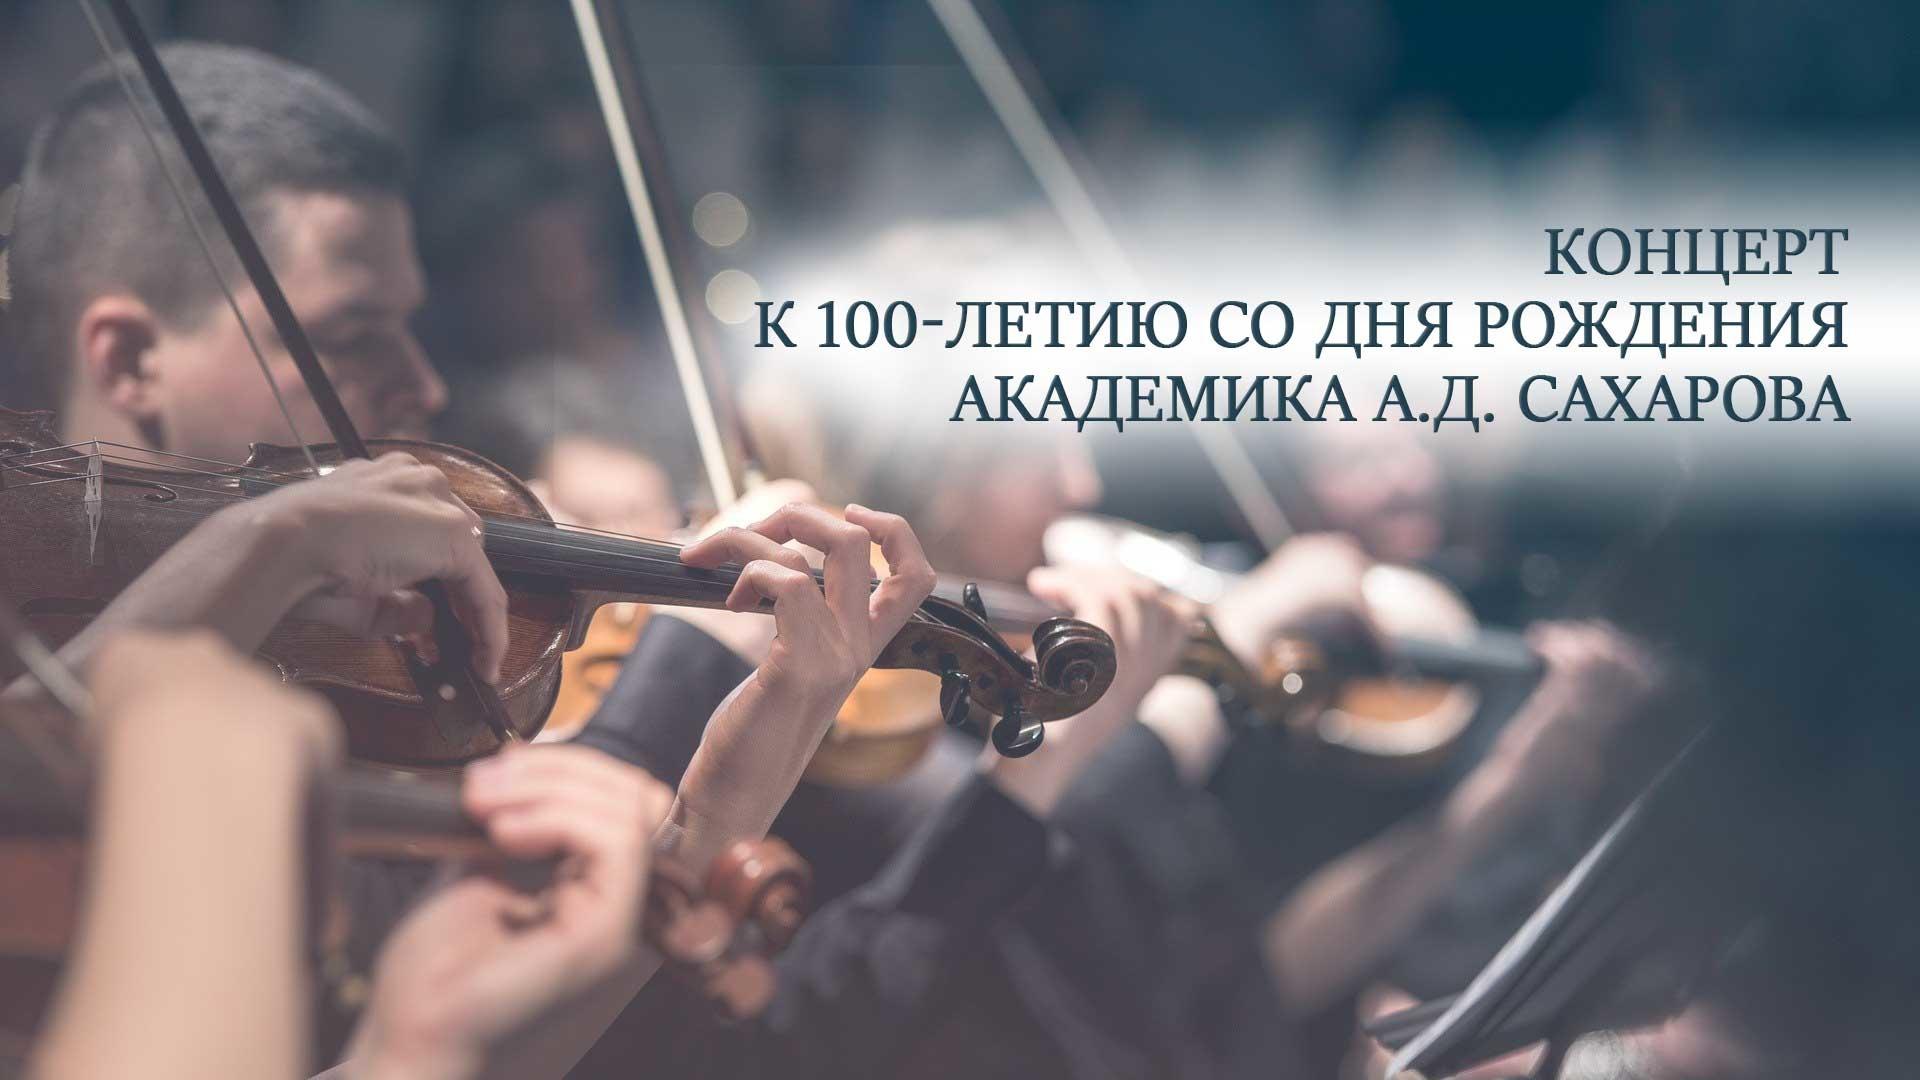 Концерт к 100-летию со дня рождения академика А.Д. Сахарова